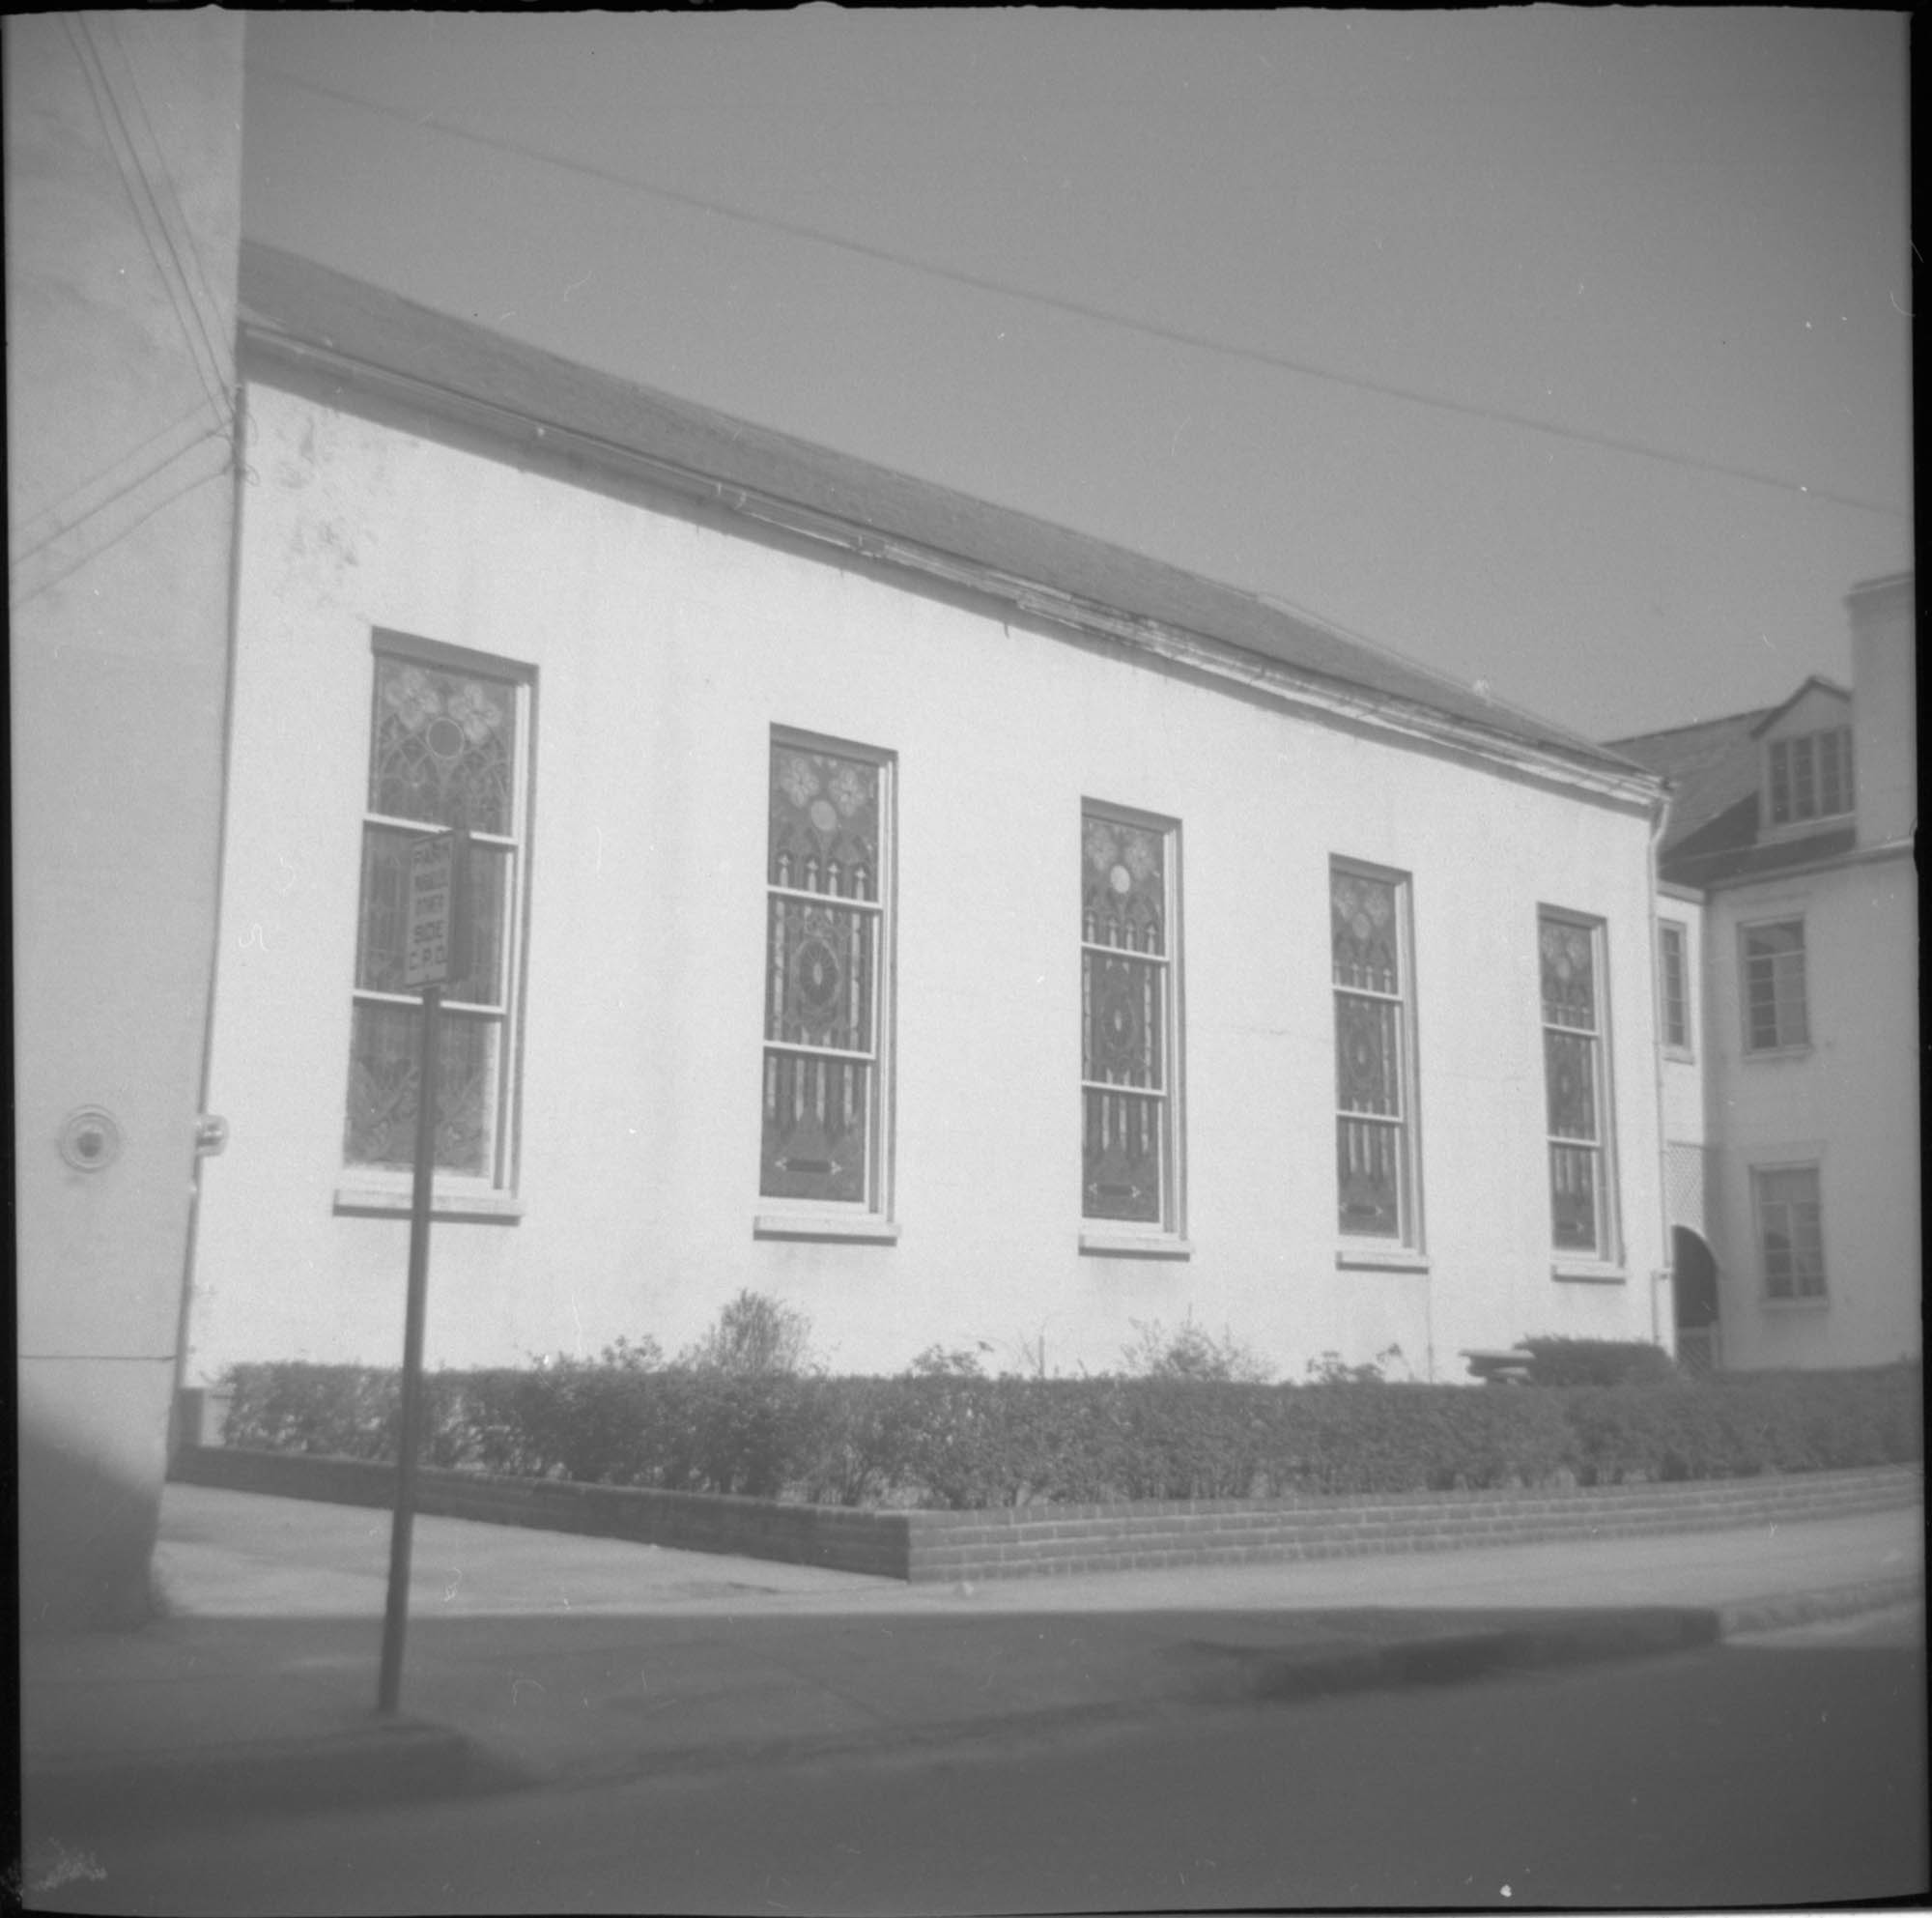 34-36 Wentworth Street